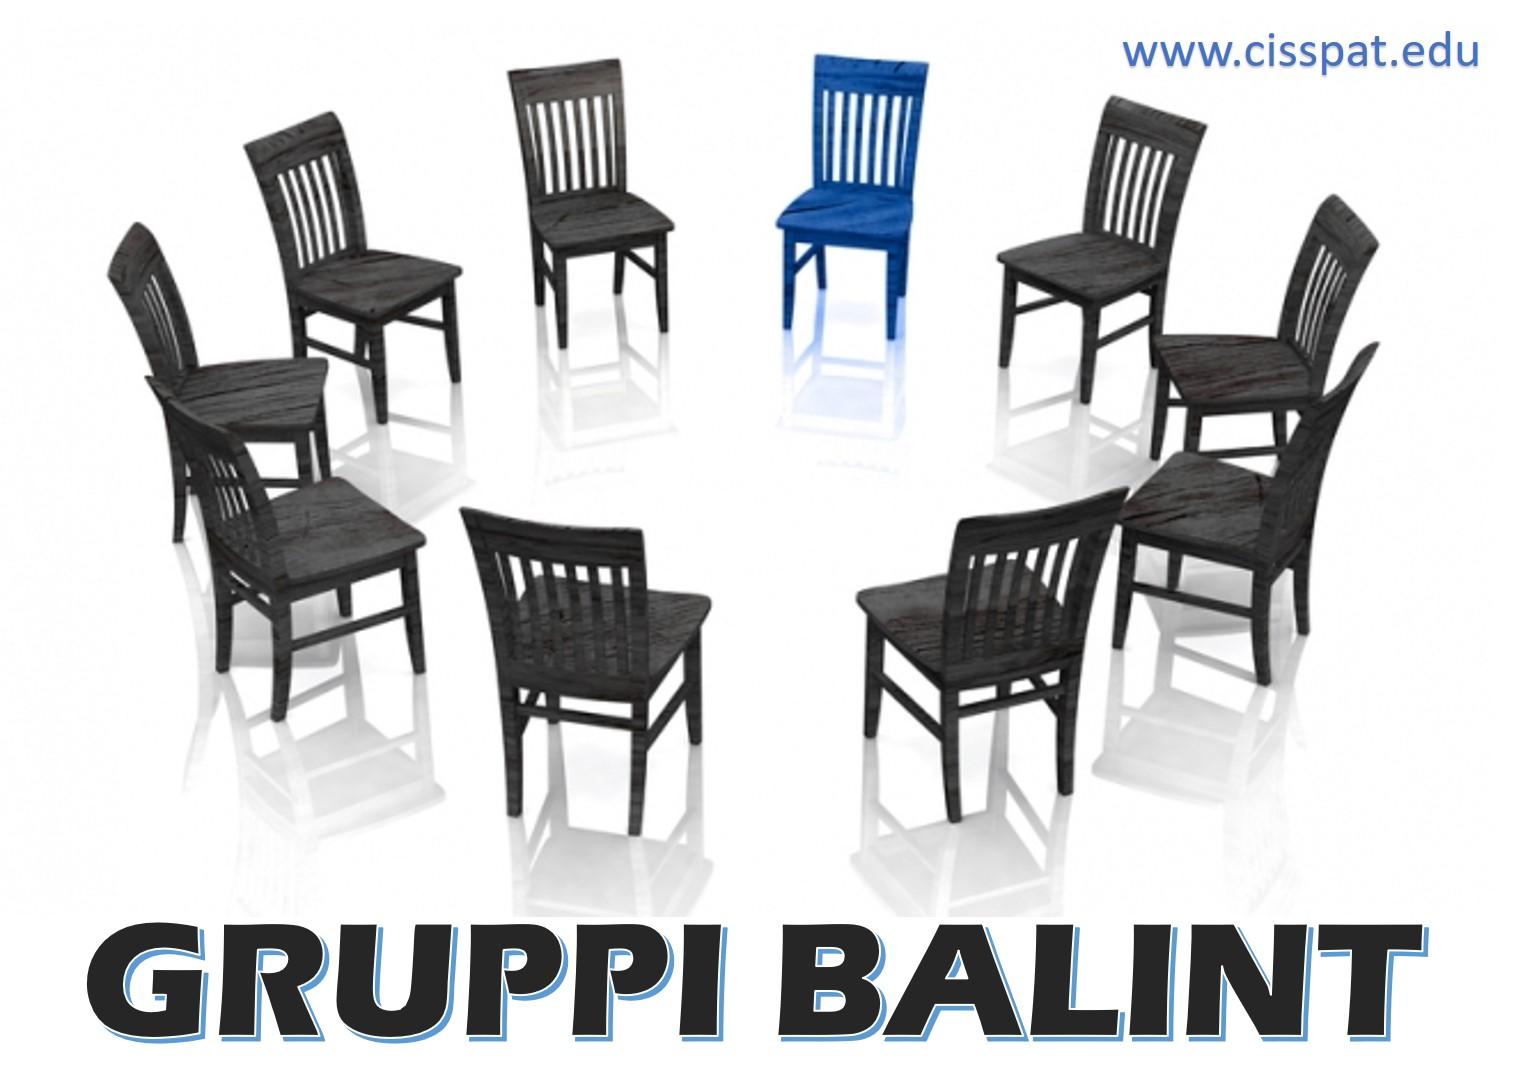 Gruppi_Balint0